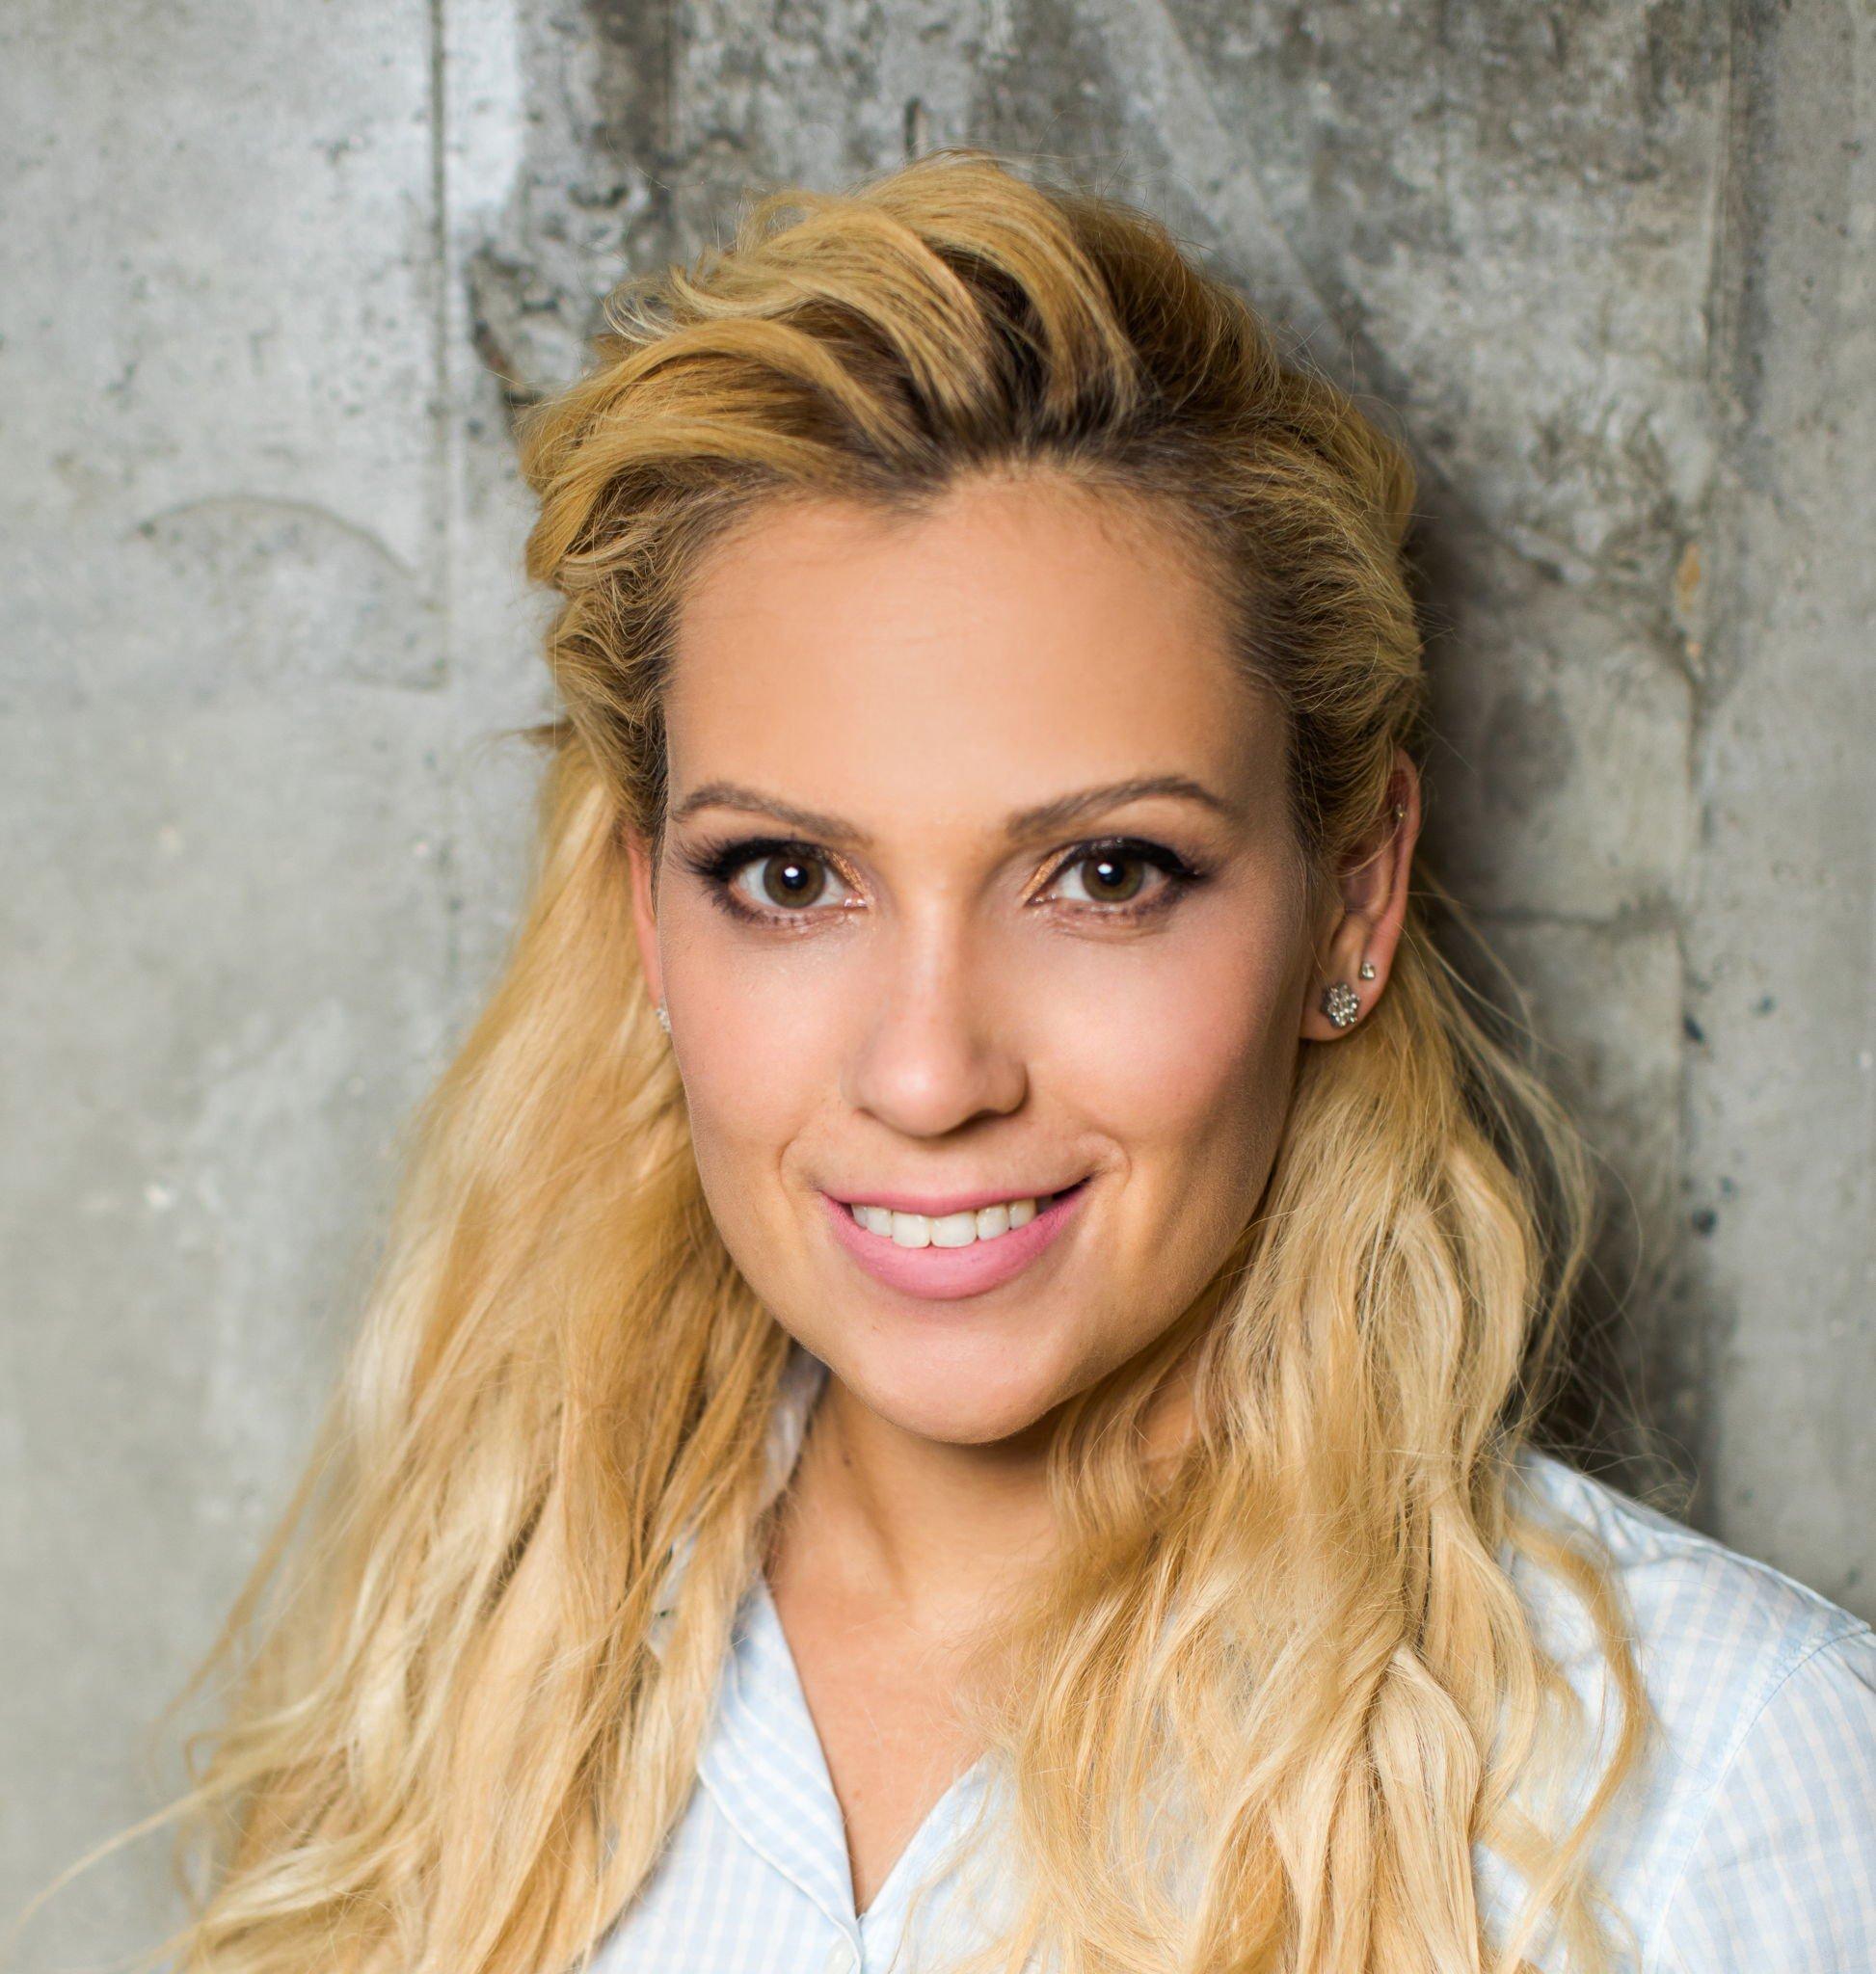 Alena Dalska-Latosiewicz